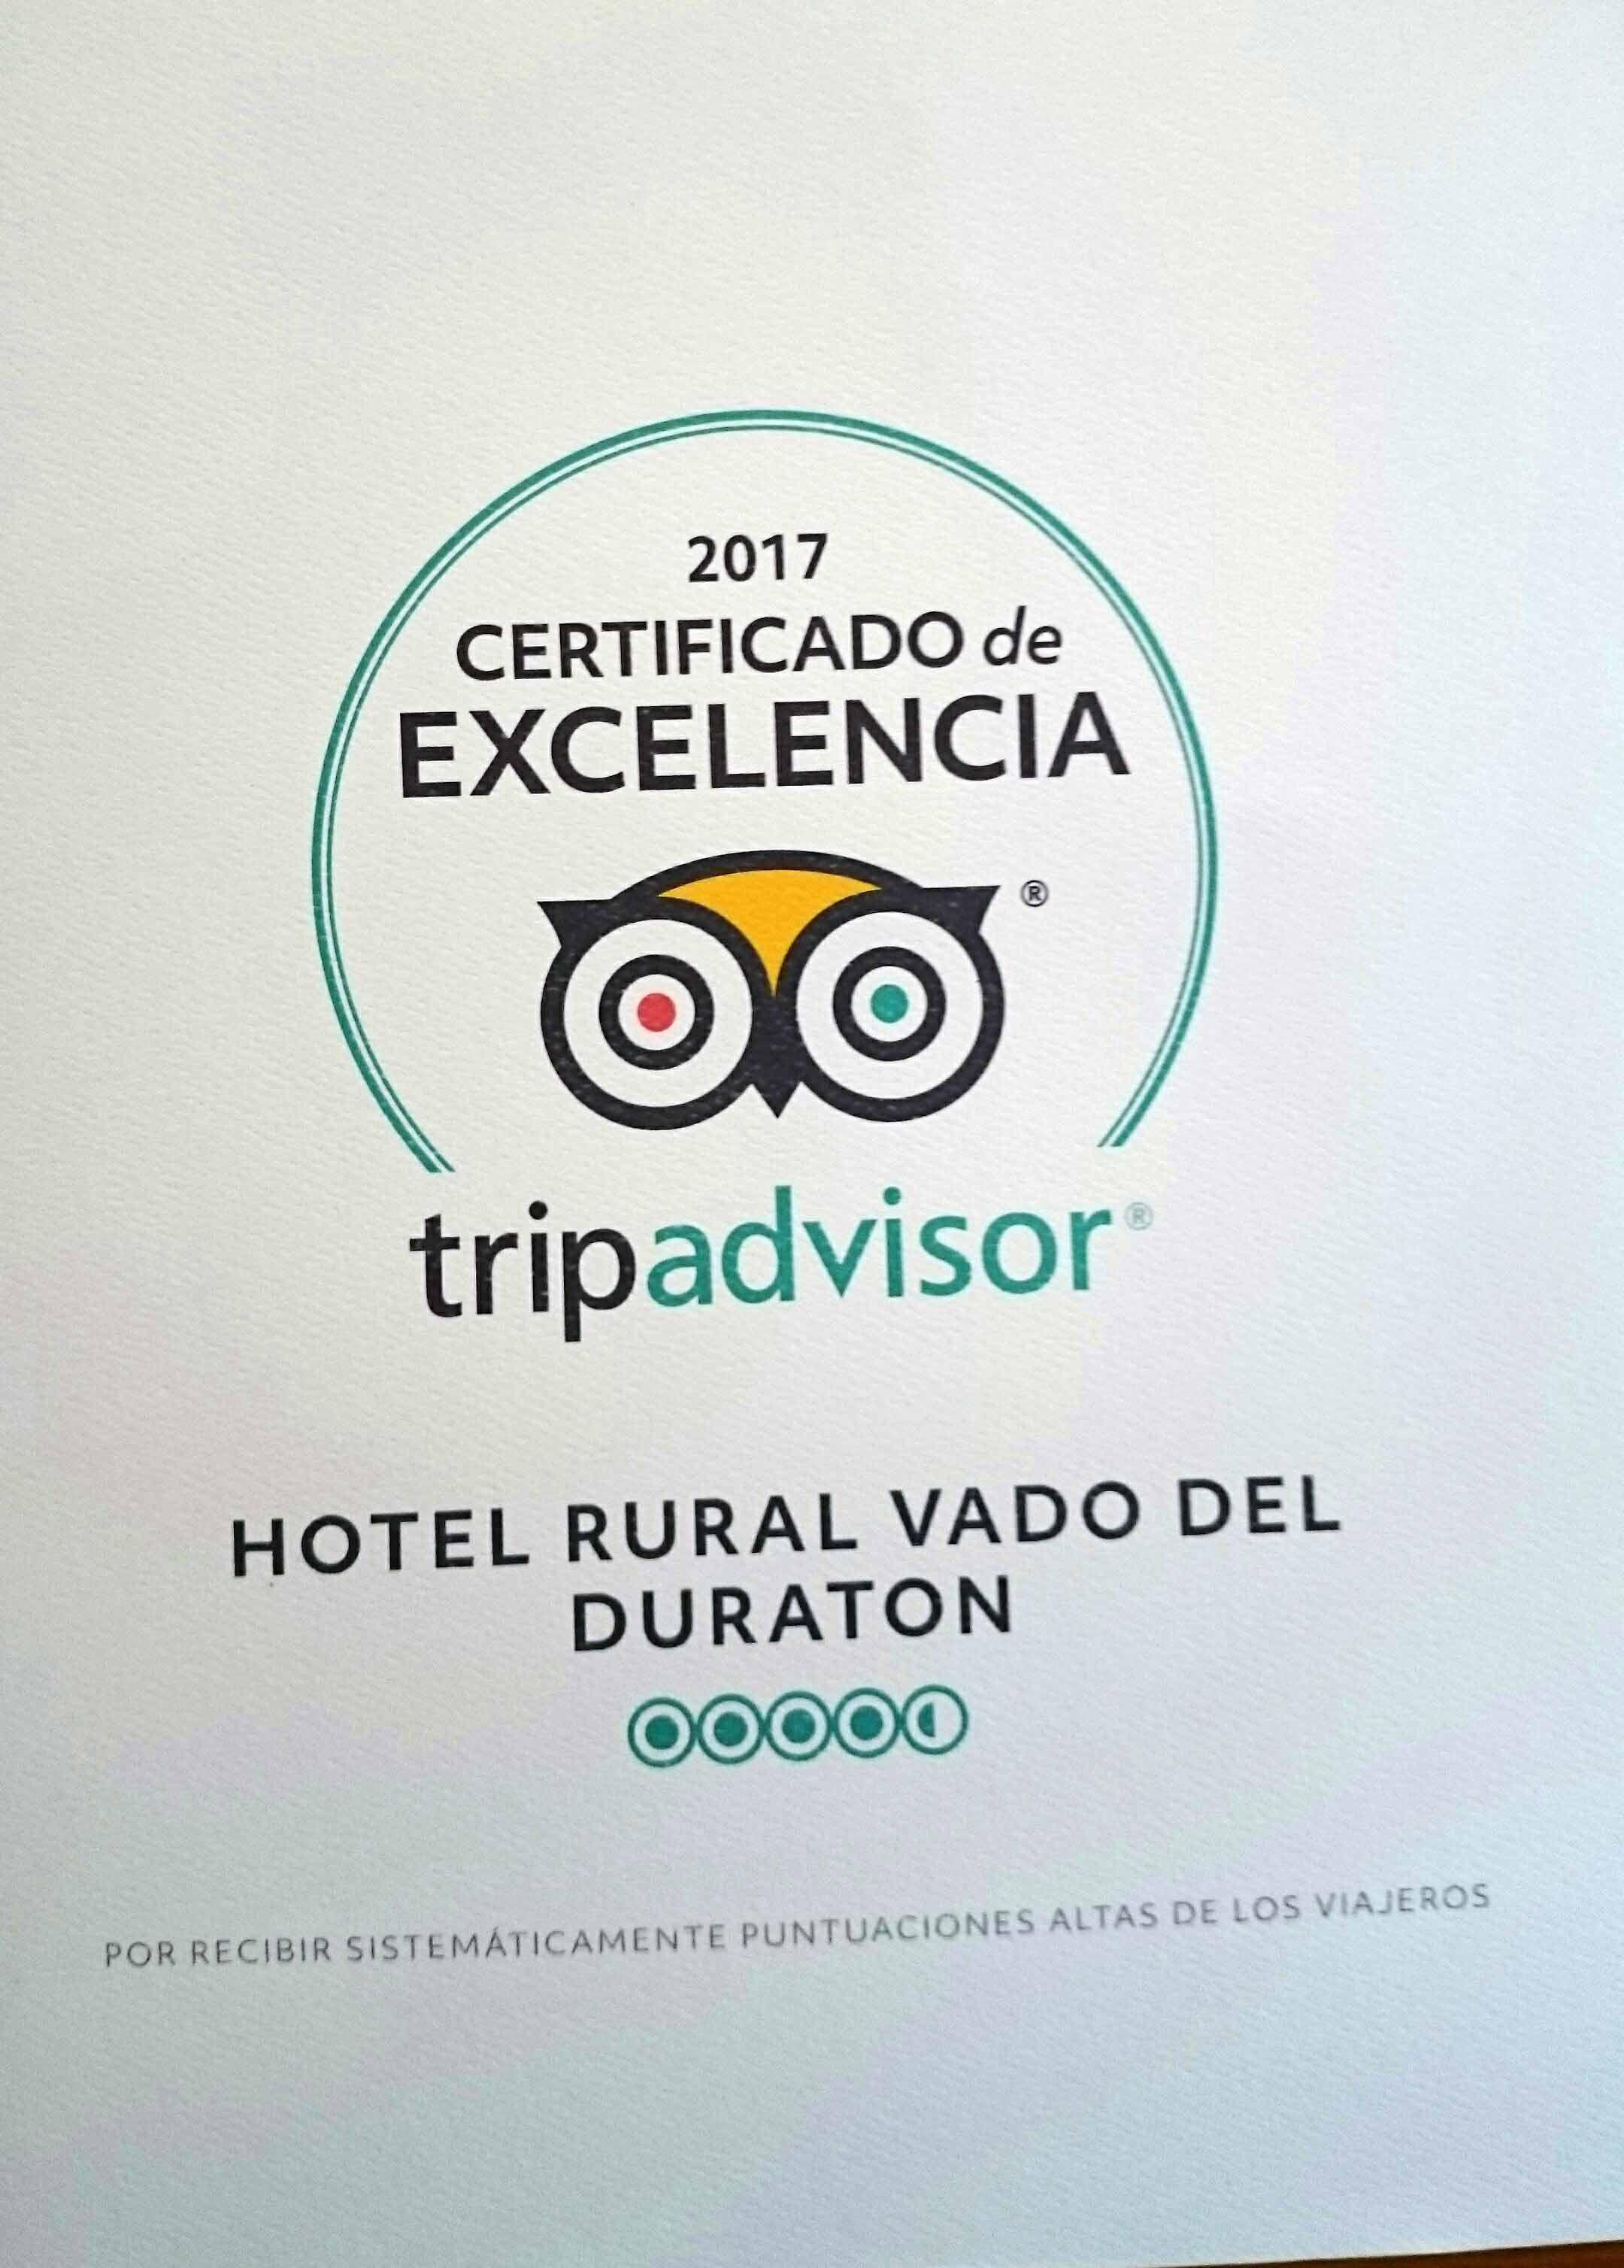 Nuestro Hotel Gay Friendly Vado del Duratón nuevamente premiado por su excelencia